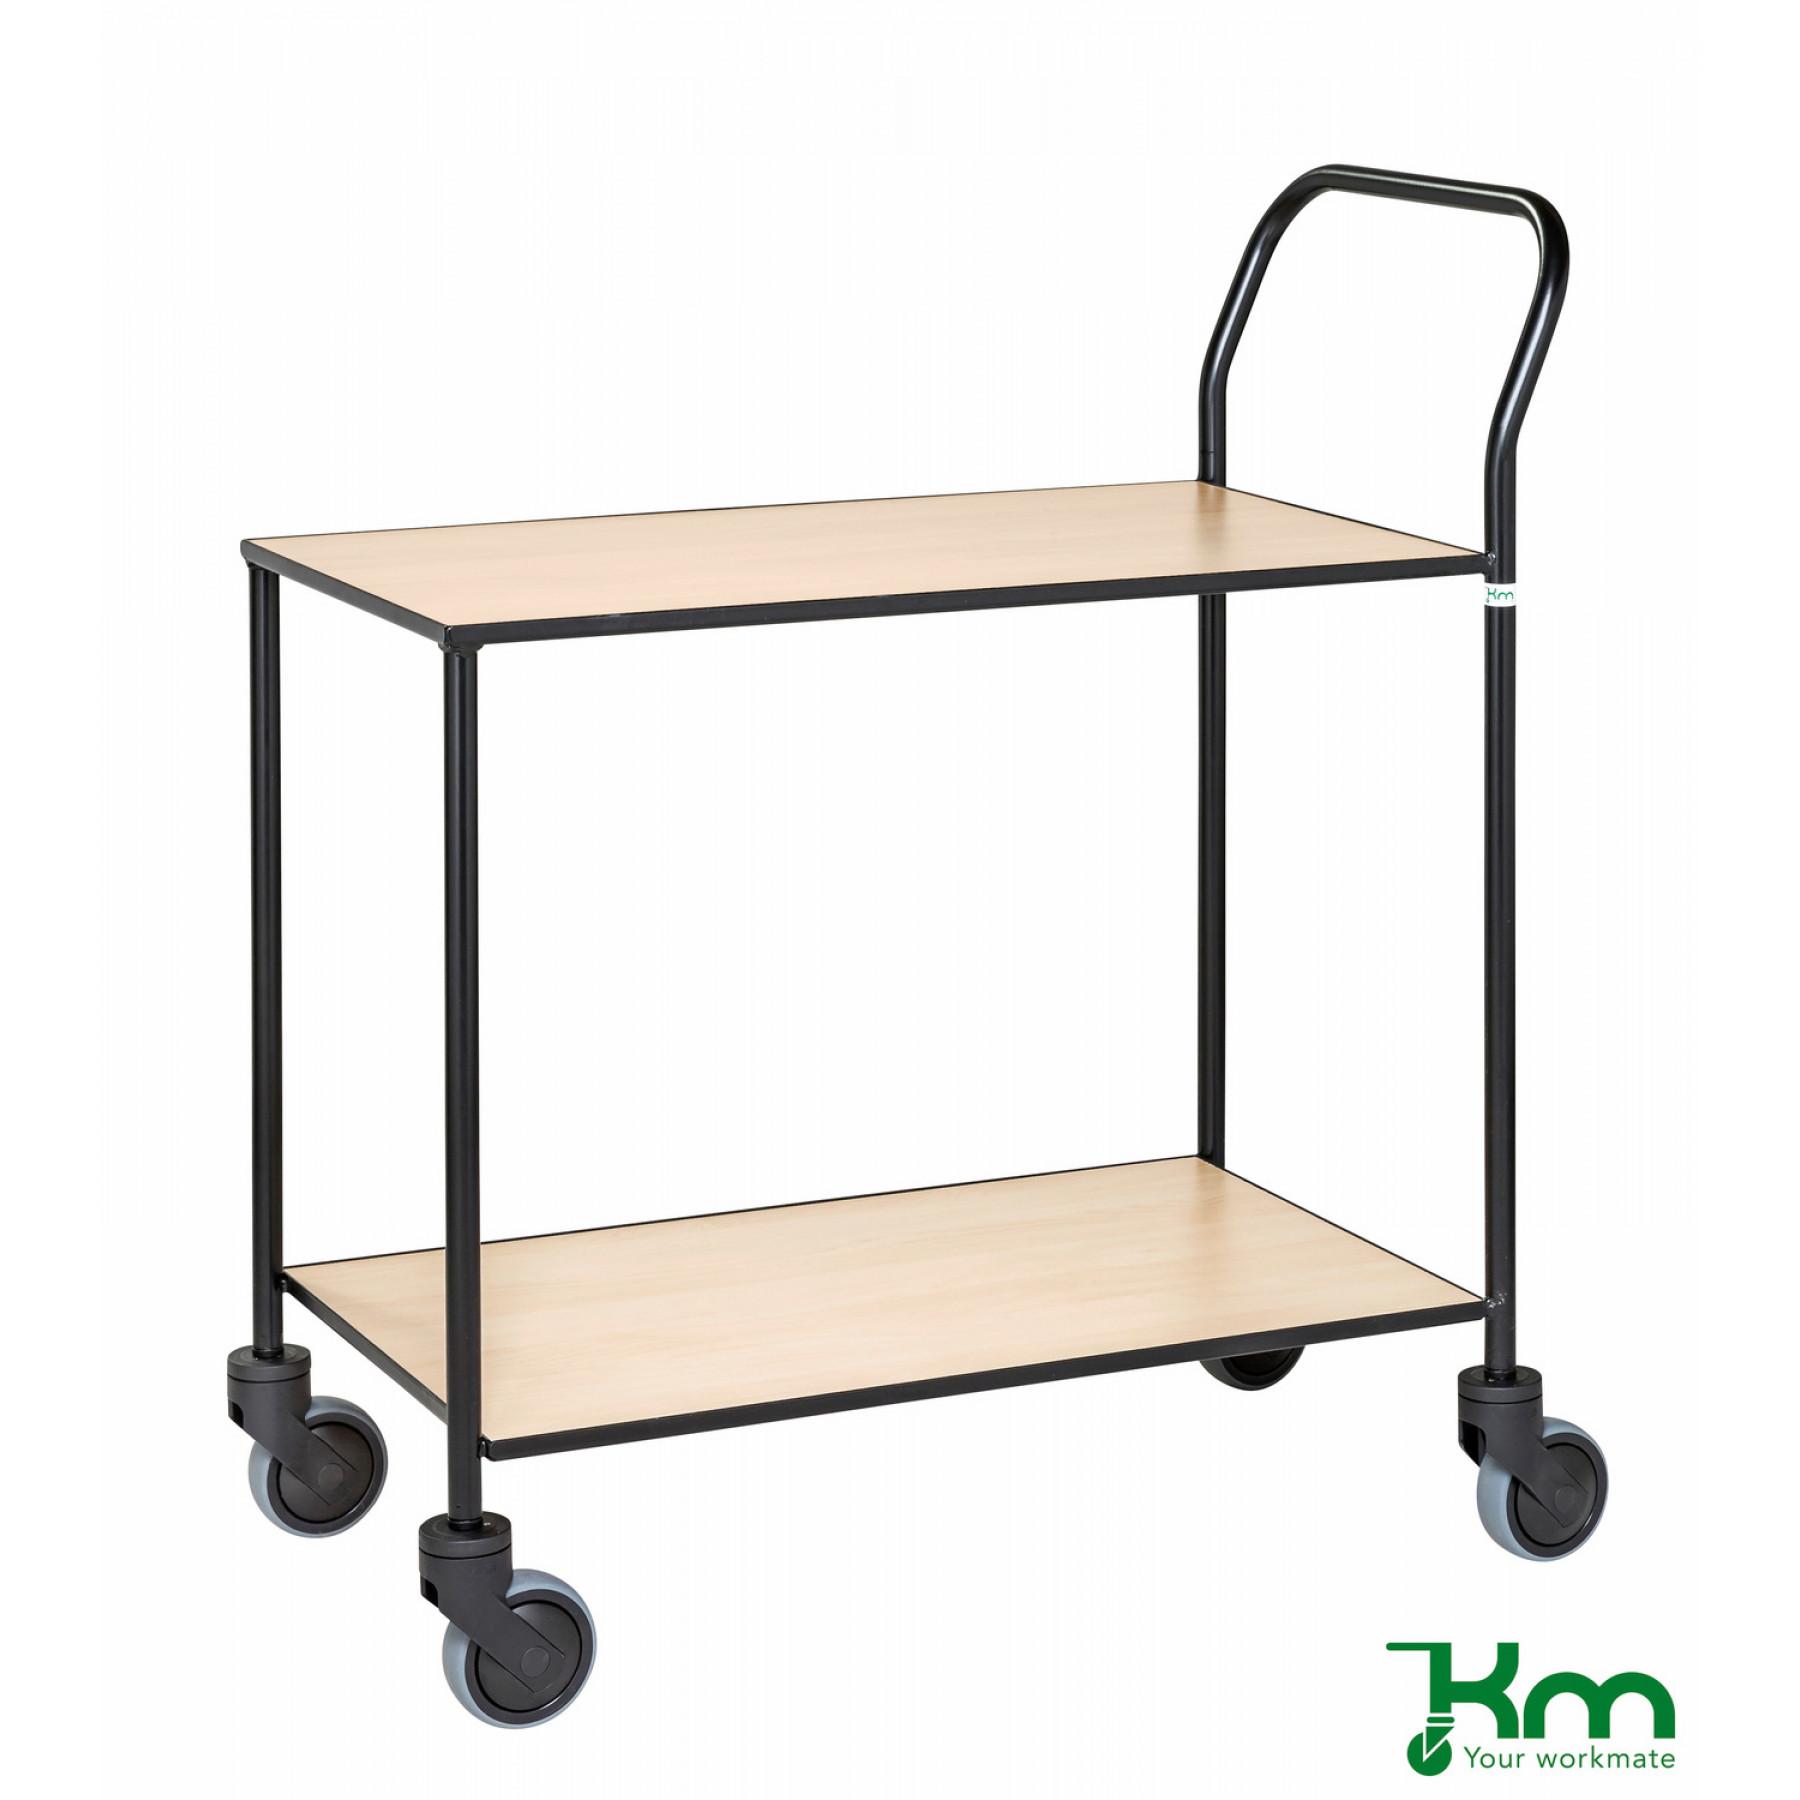 Design tafelwagen met berkenstructuur toplaag, KM 872-BJ